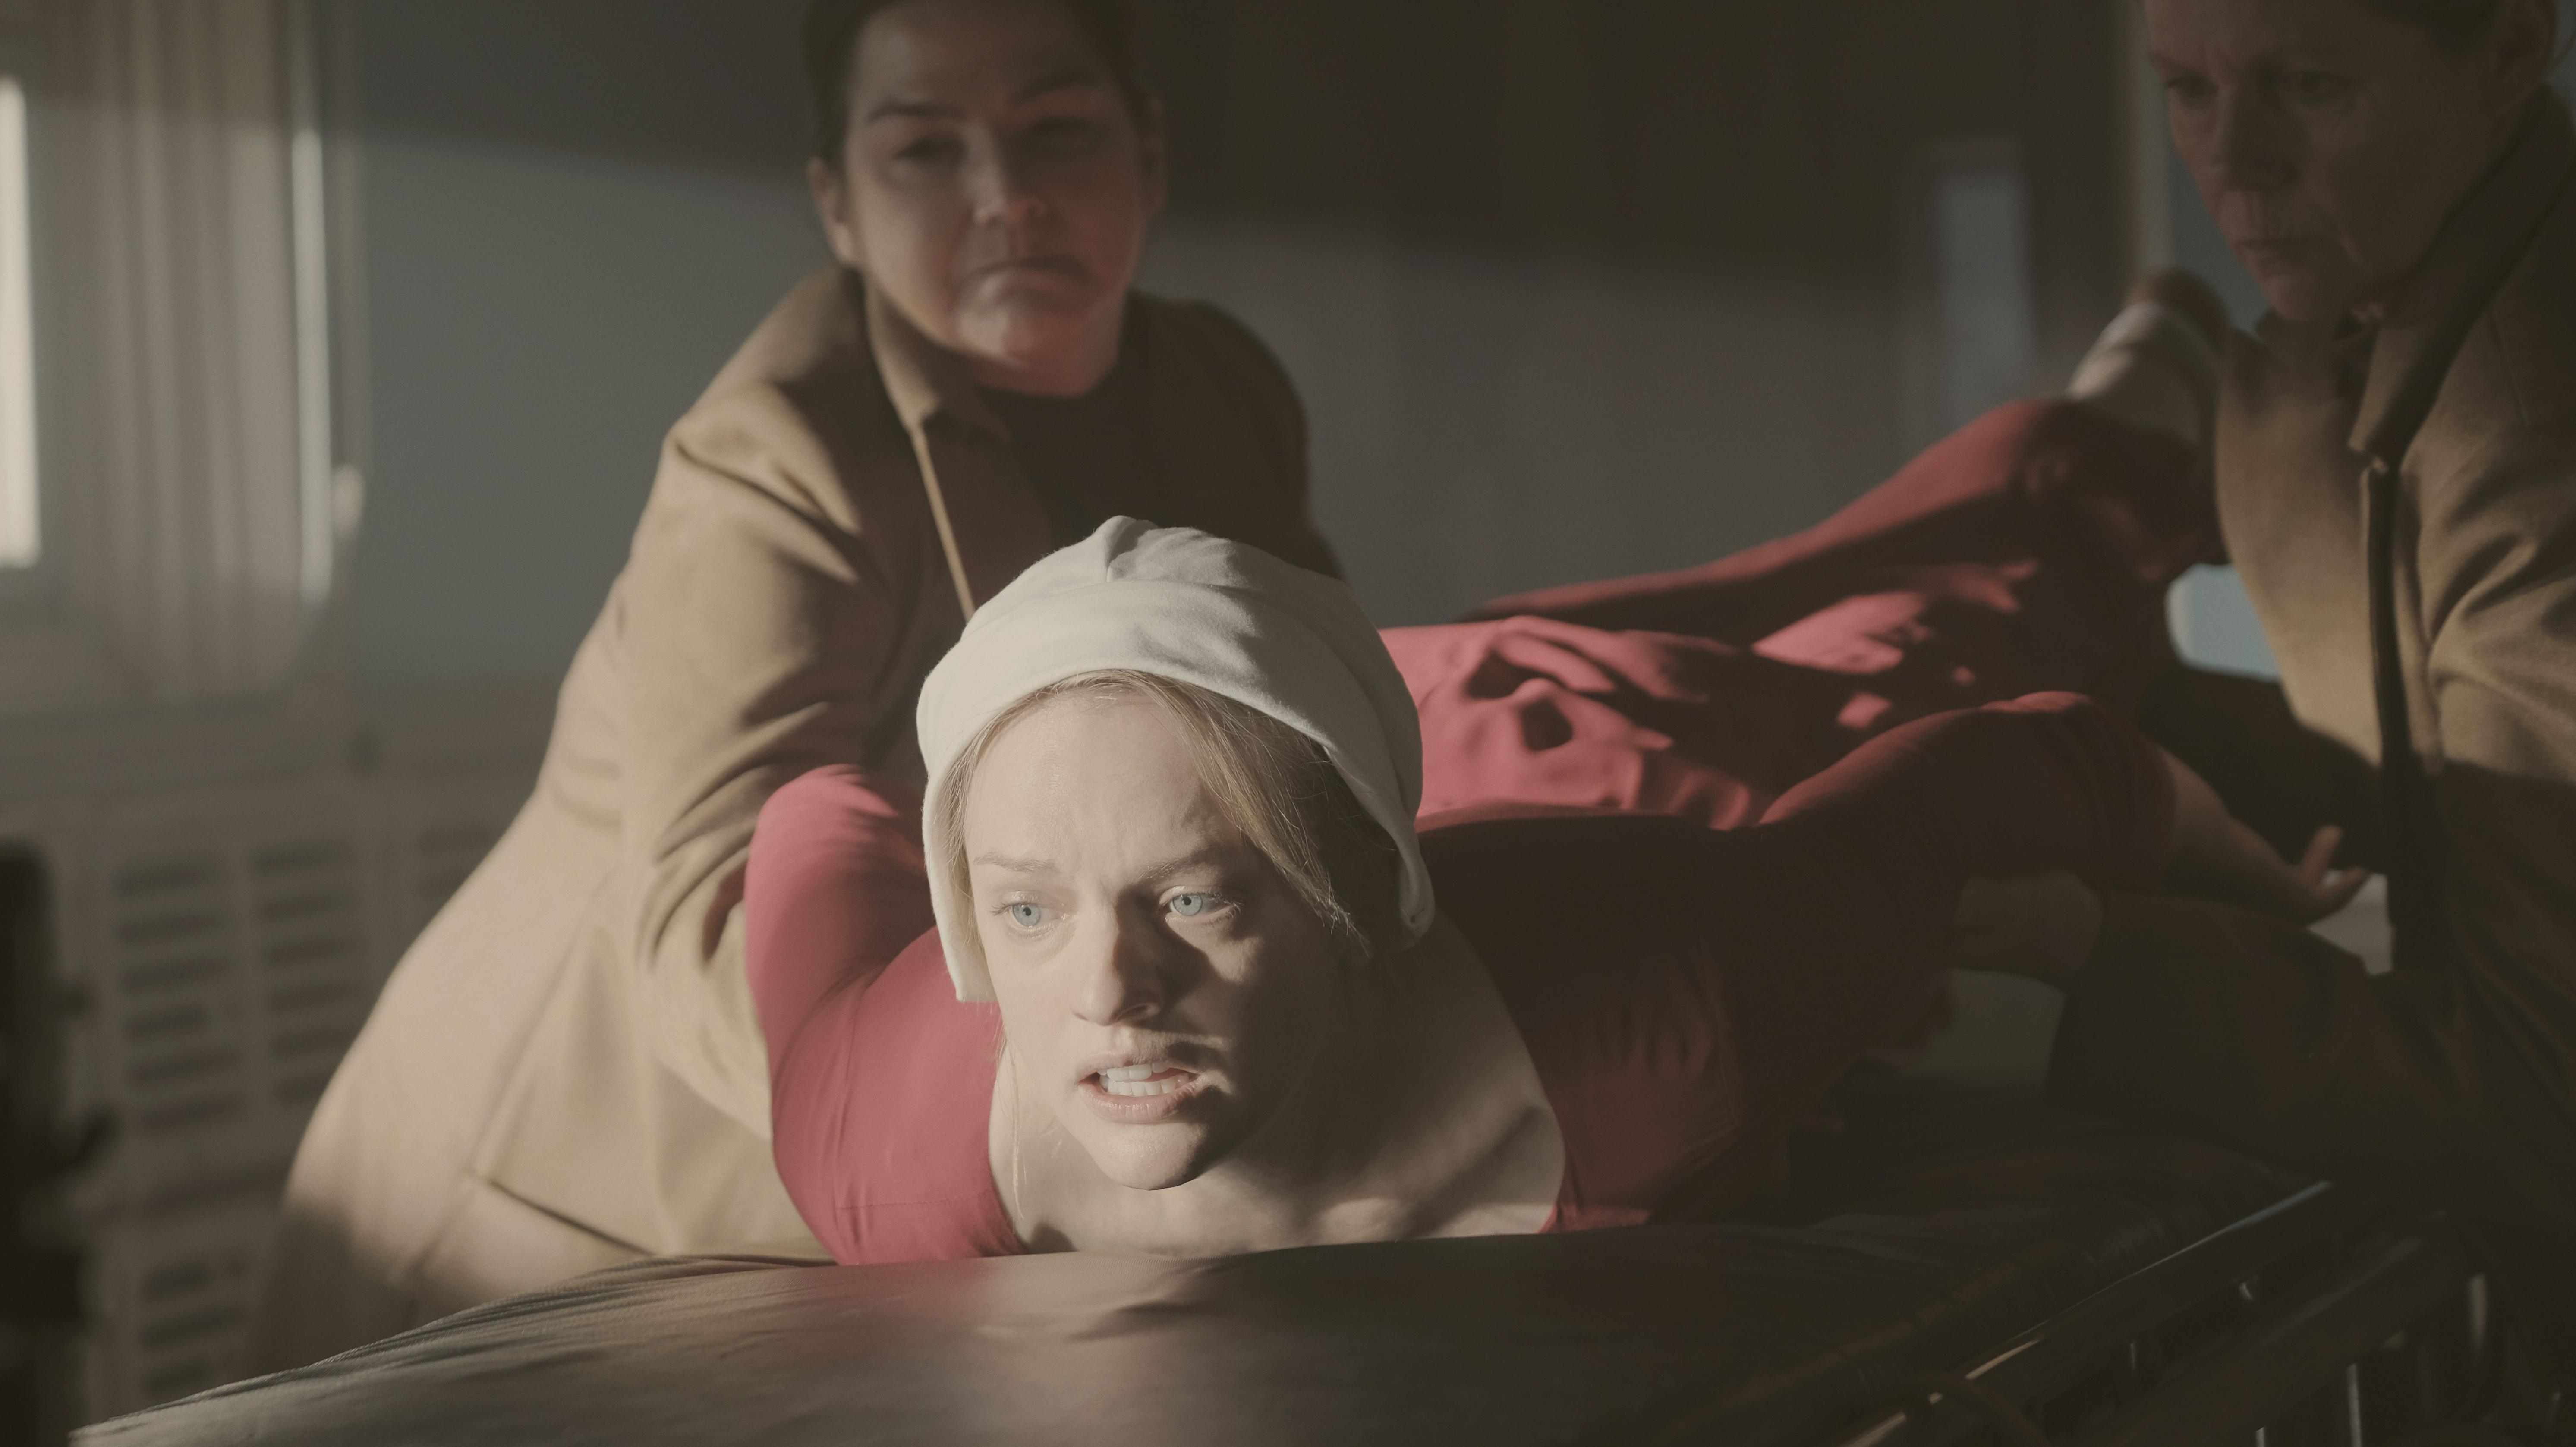 סיפורה של שפחה, עונה 1 פרק 4, אליזבת מוס